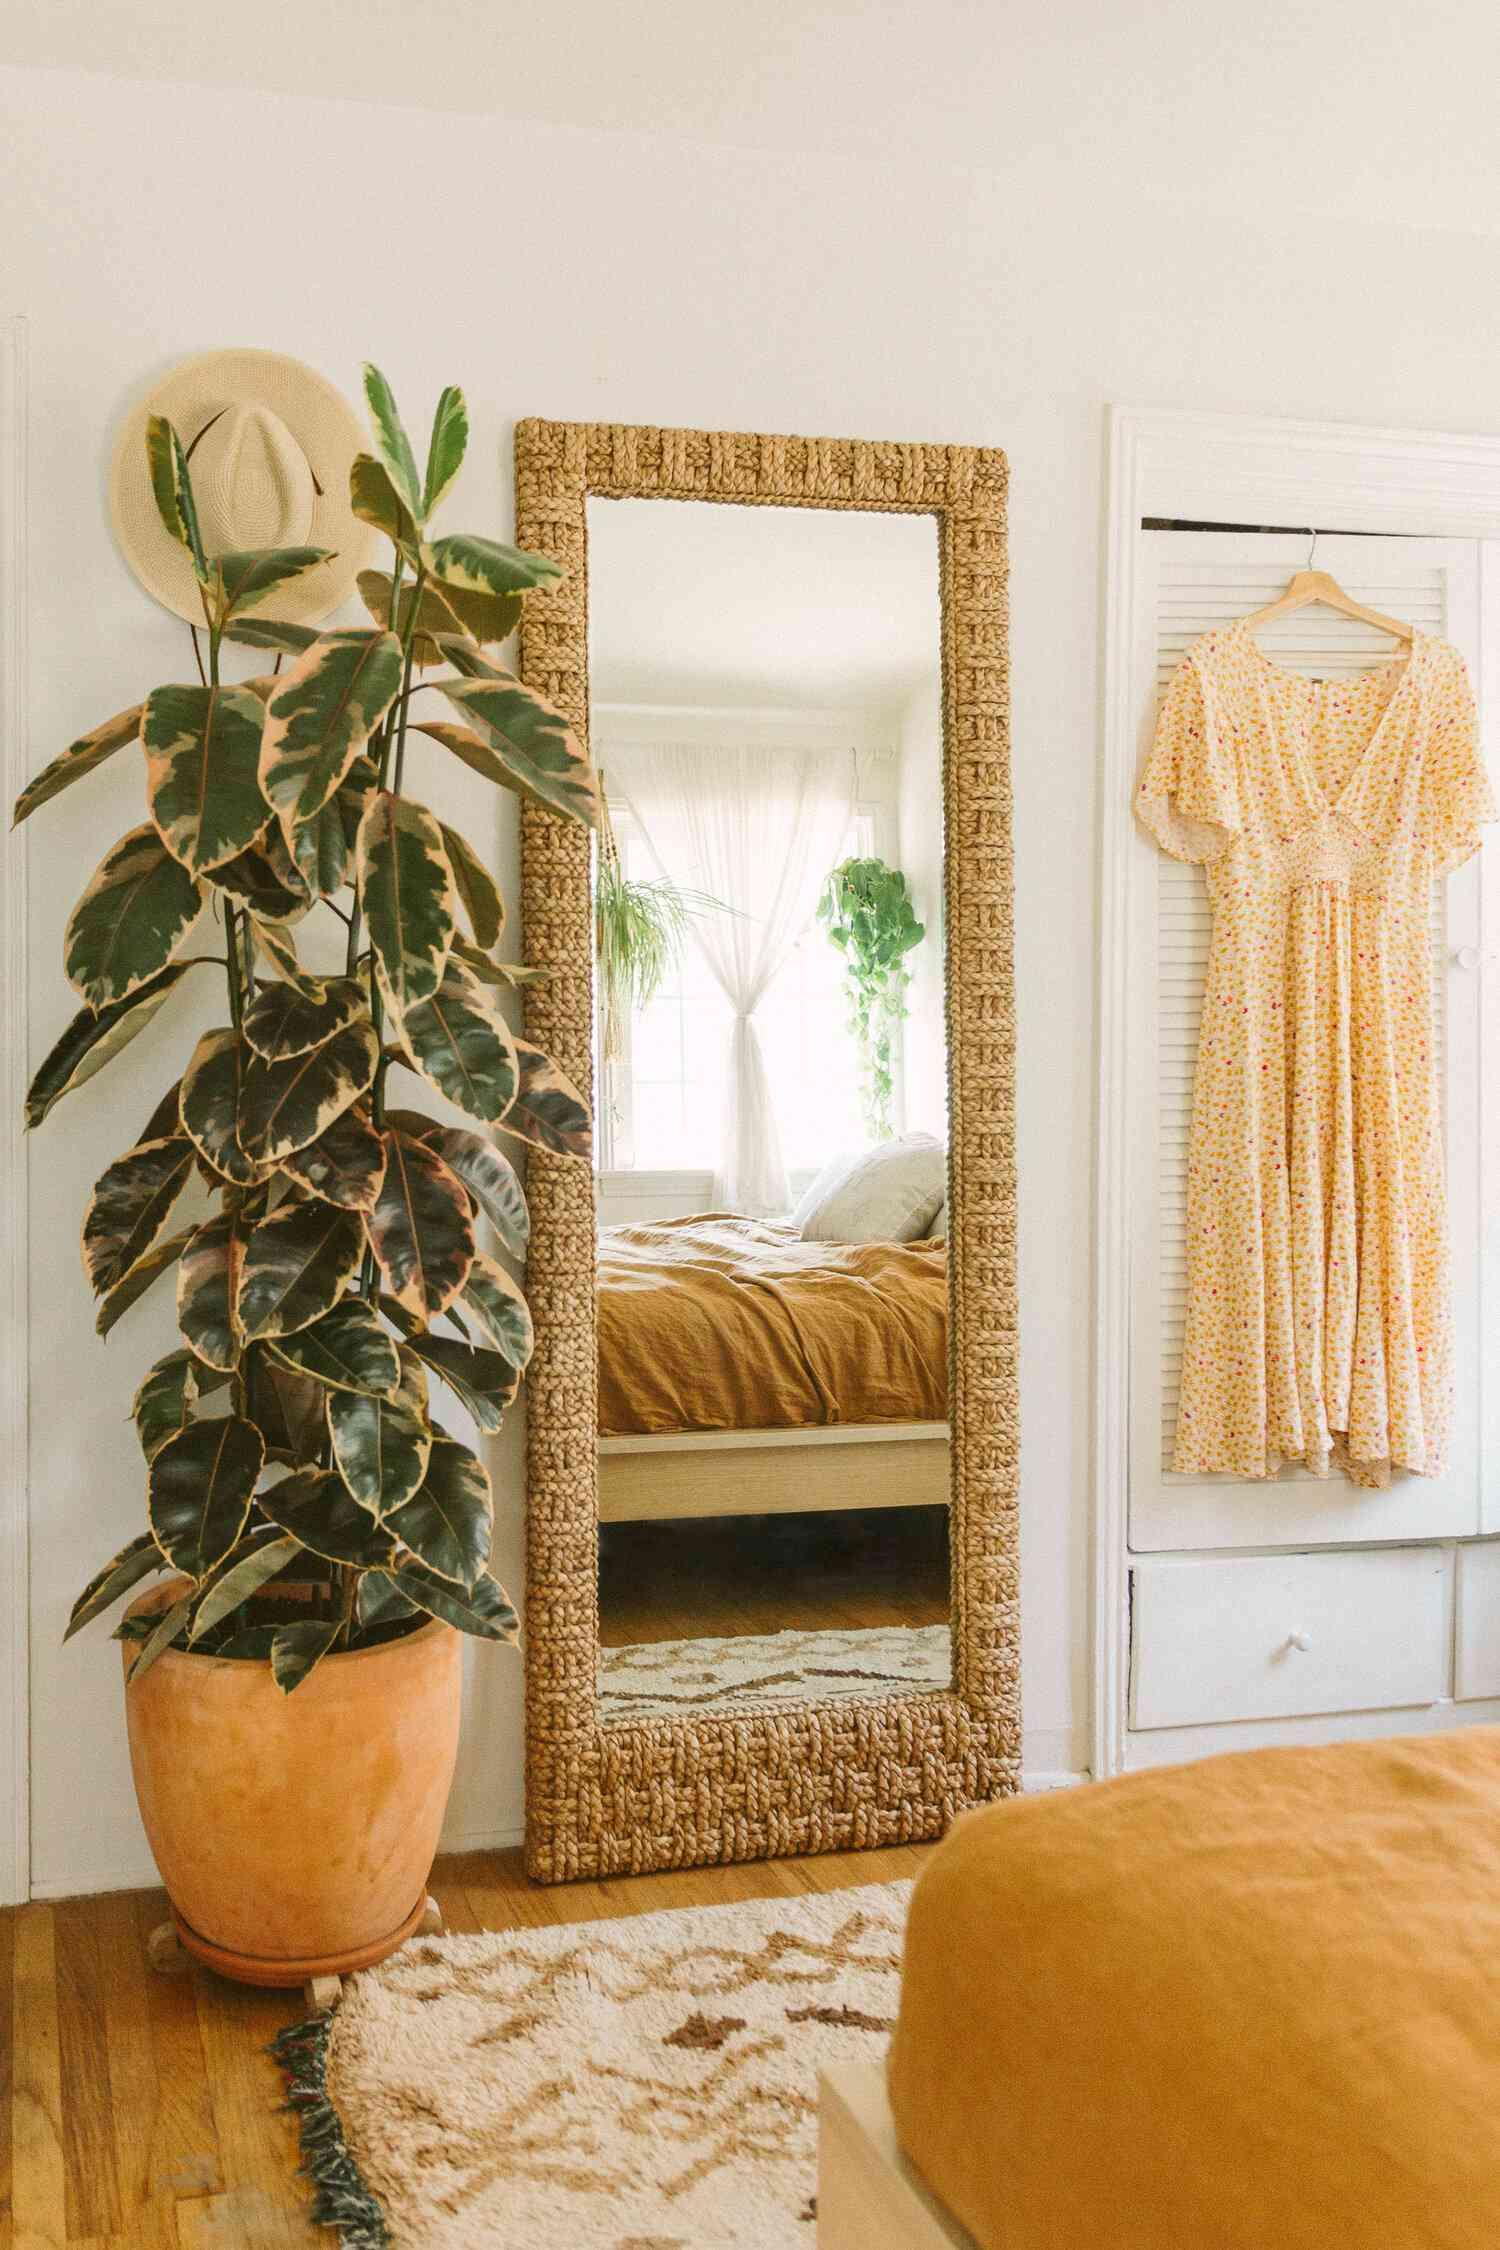 Boho-inspired bedroom.